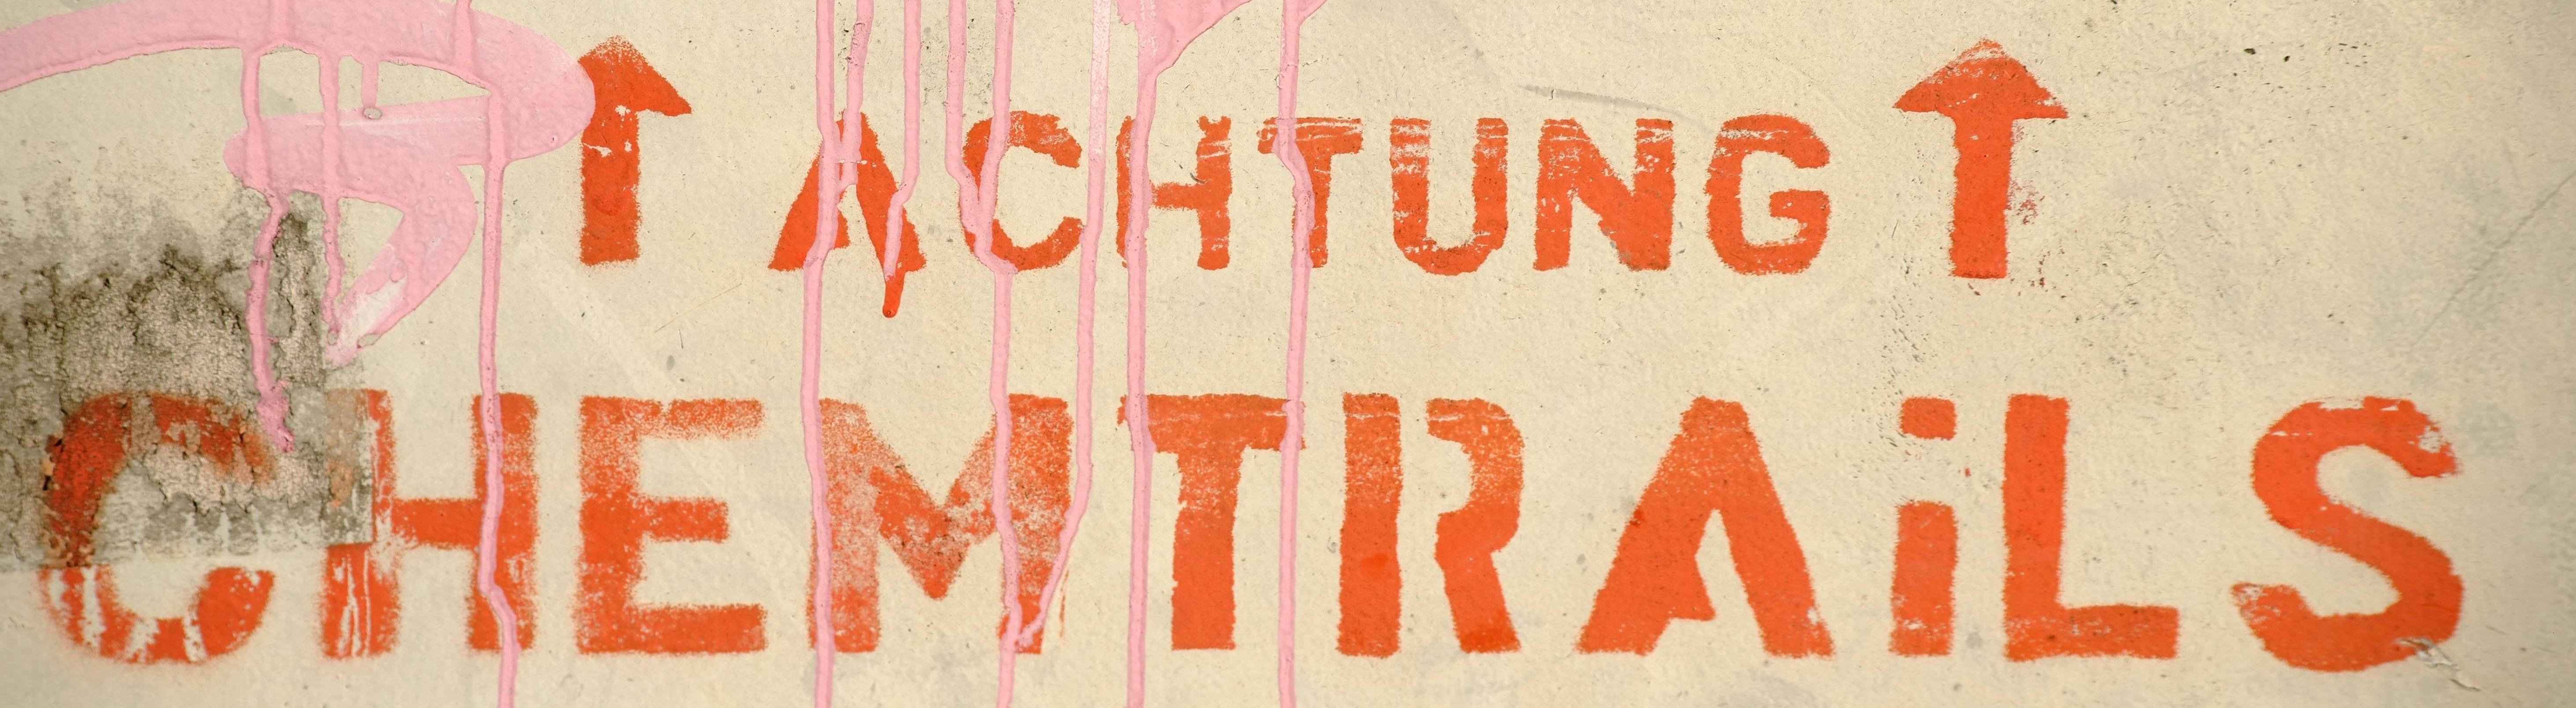 Schriftzug auf Mauer: Achtung Chemtrails